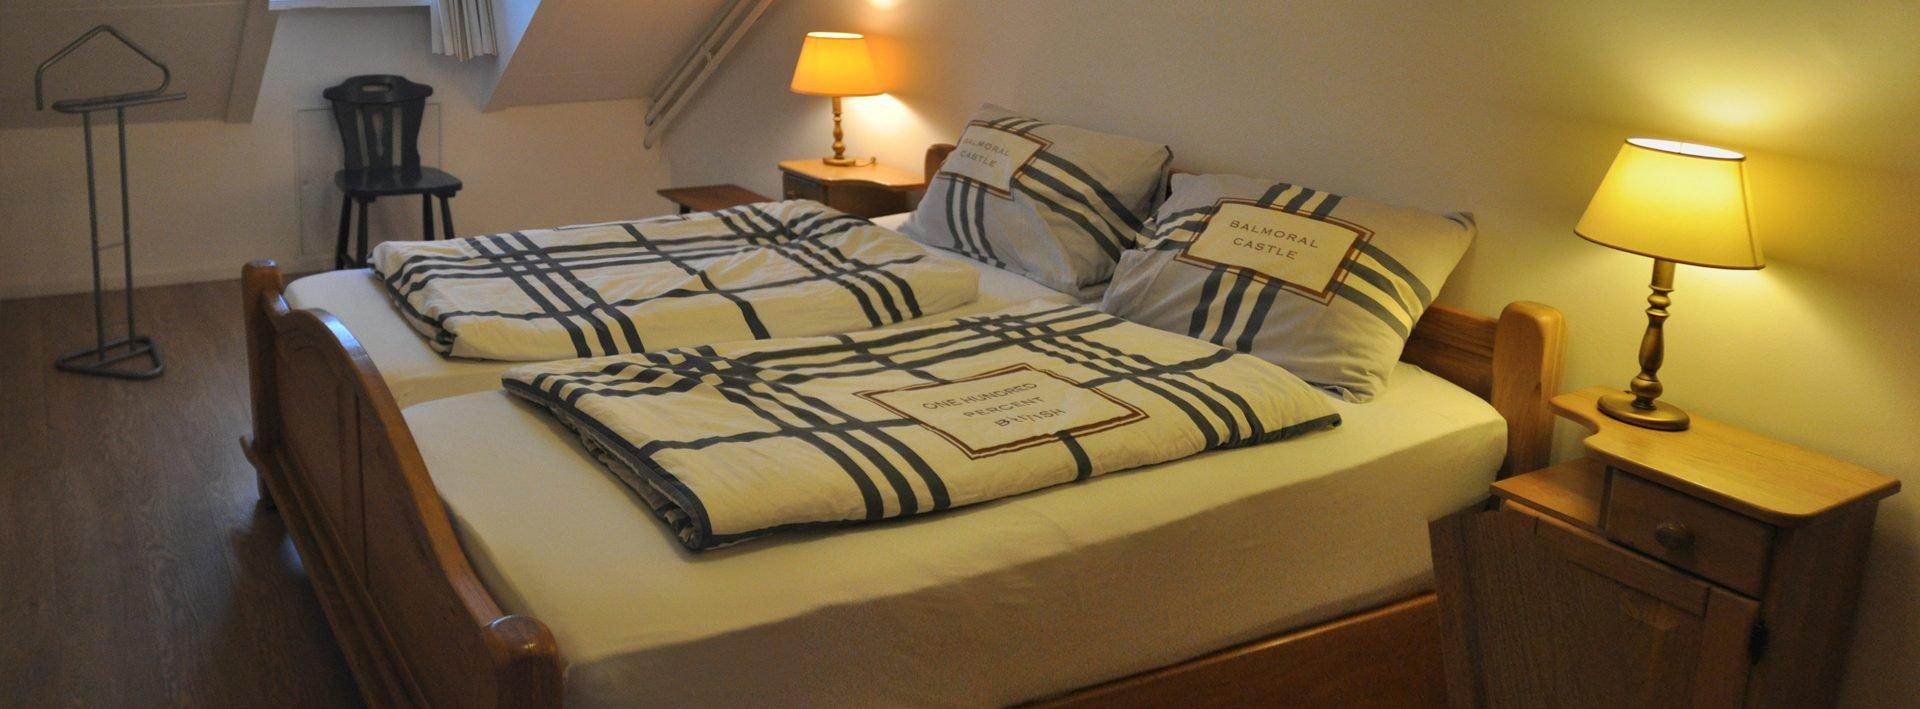 Master-slaapkamer